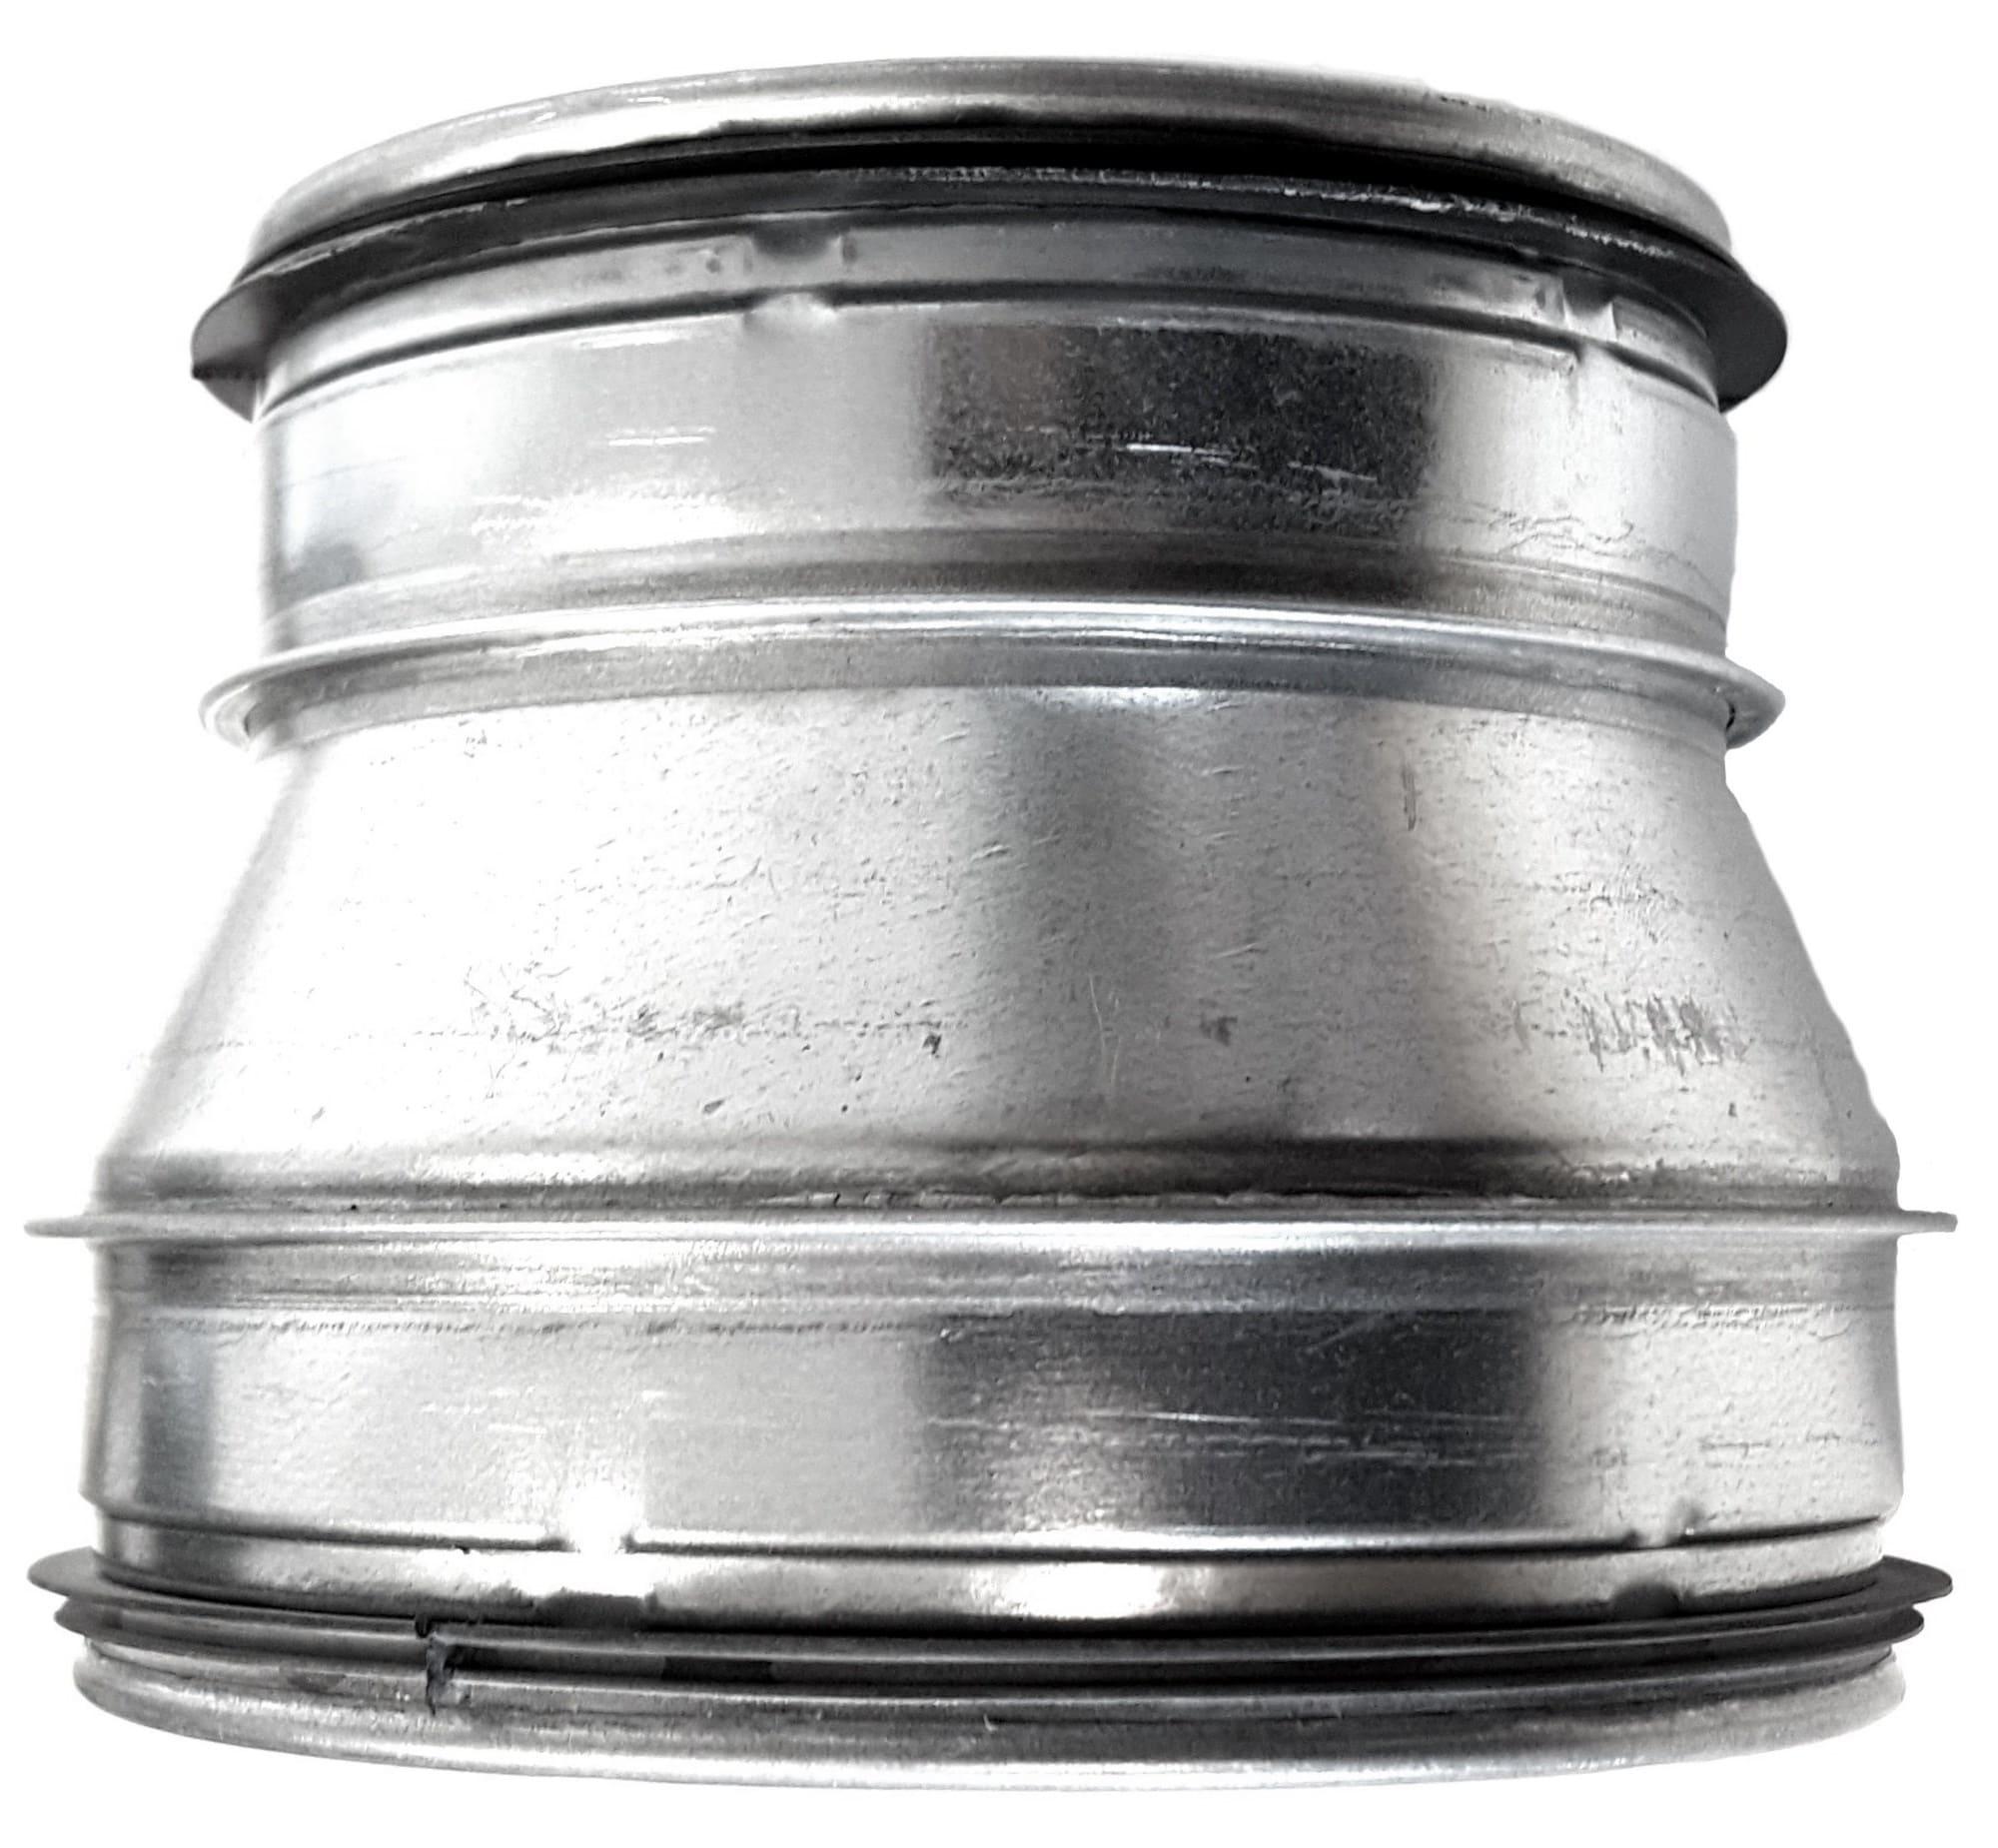 Reduzierung Nippel - Nippel für Wickelfalzrohr